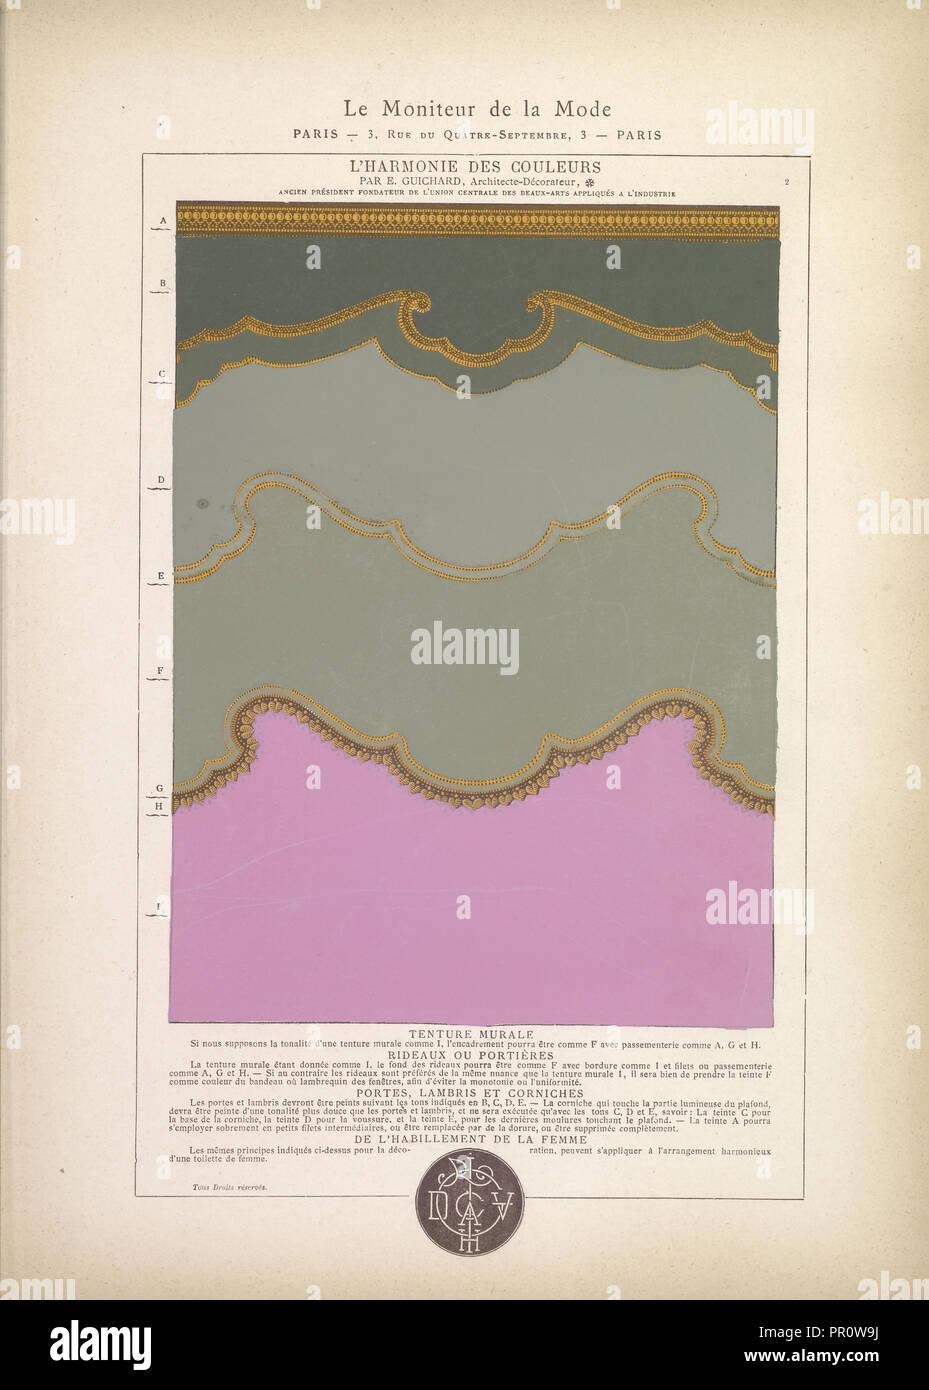 Tenture Murale, Lu0027harmonie Des Couleurs, Guichard, Édouard, B. 1815,  Peinture Sur Papier, 1880, La Plaque Numéro 2 En Haut à Droite